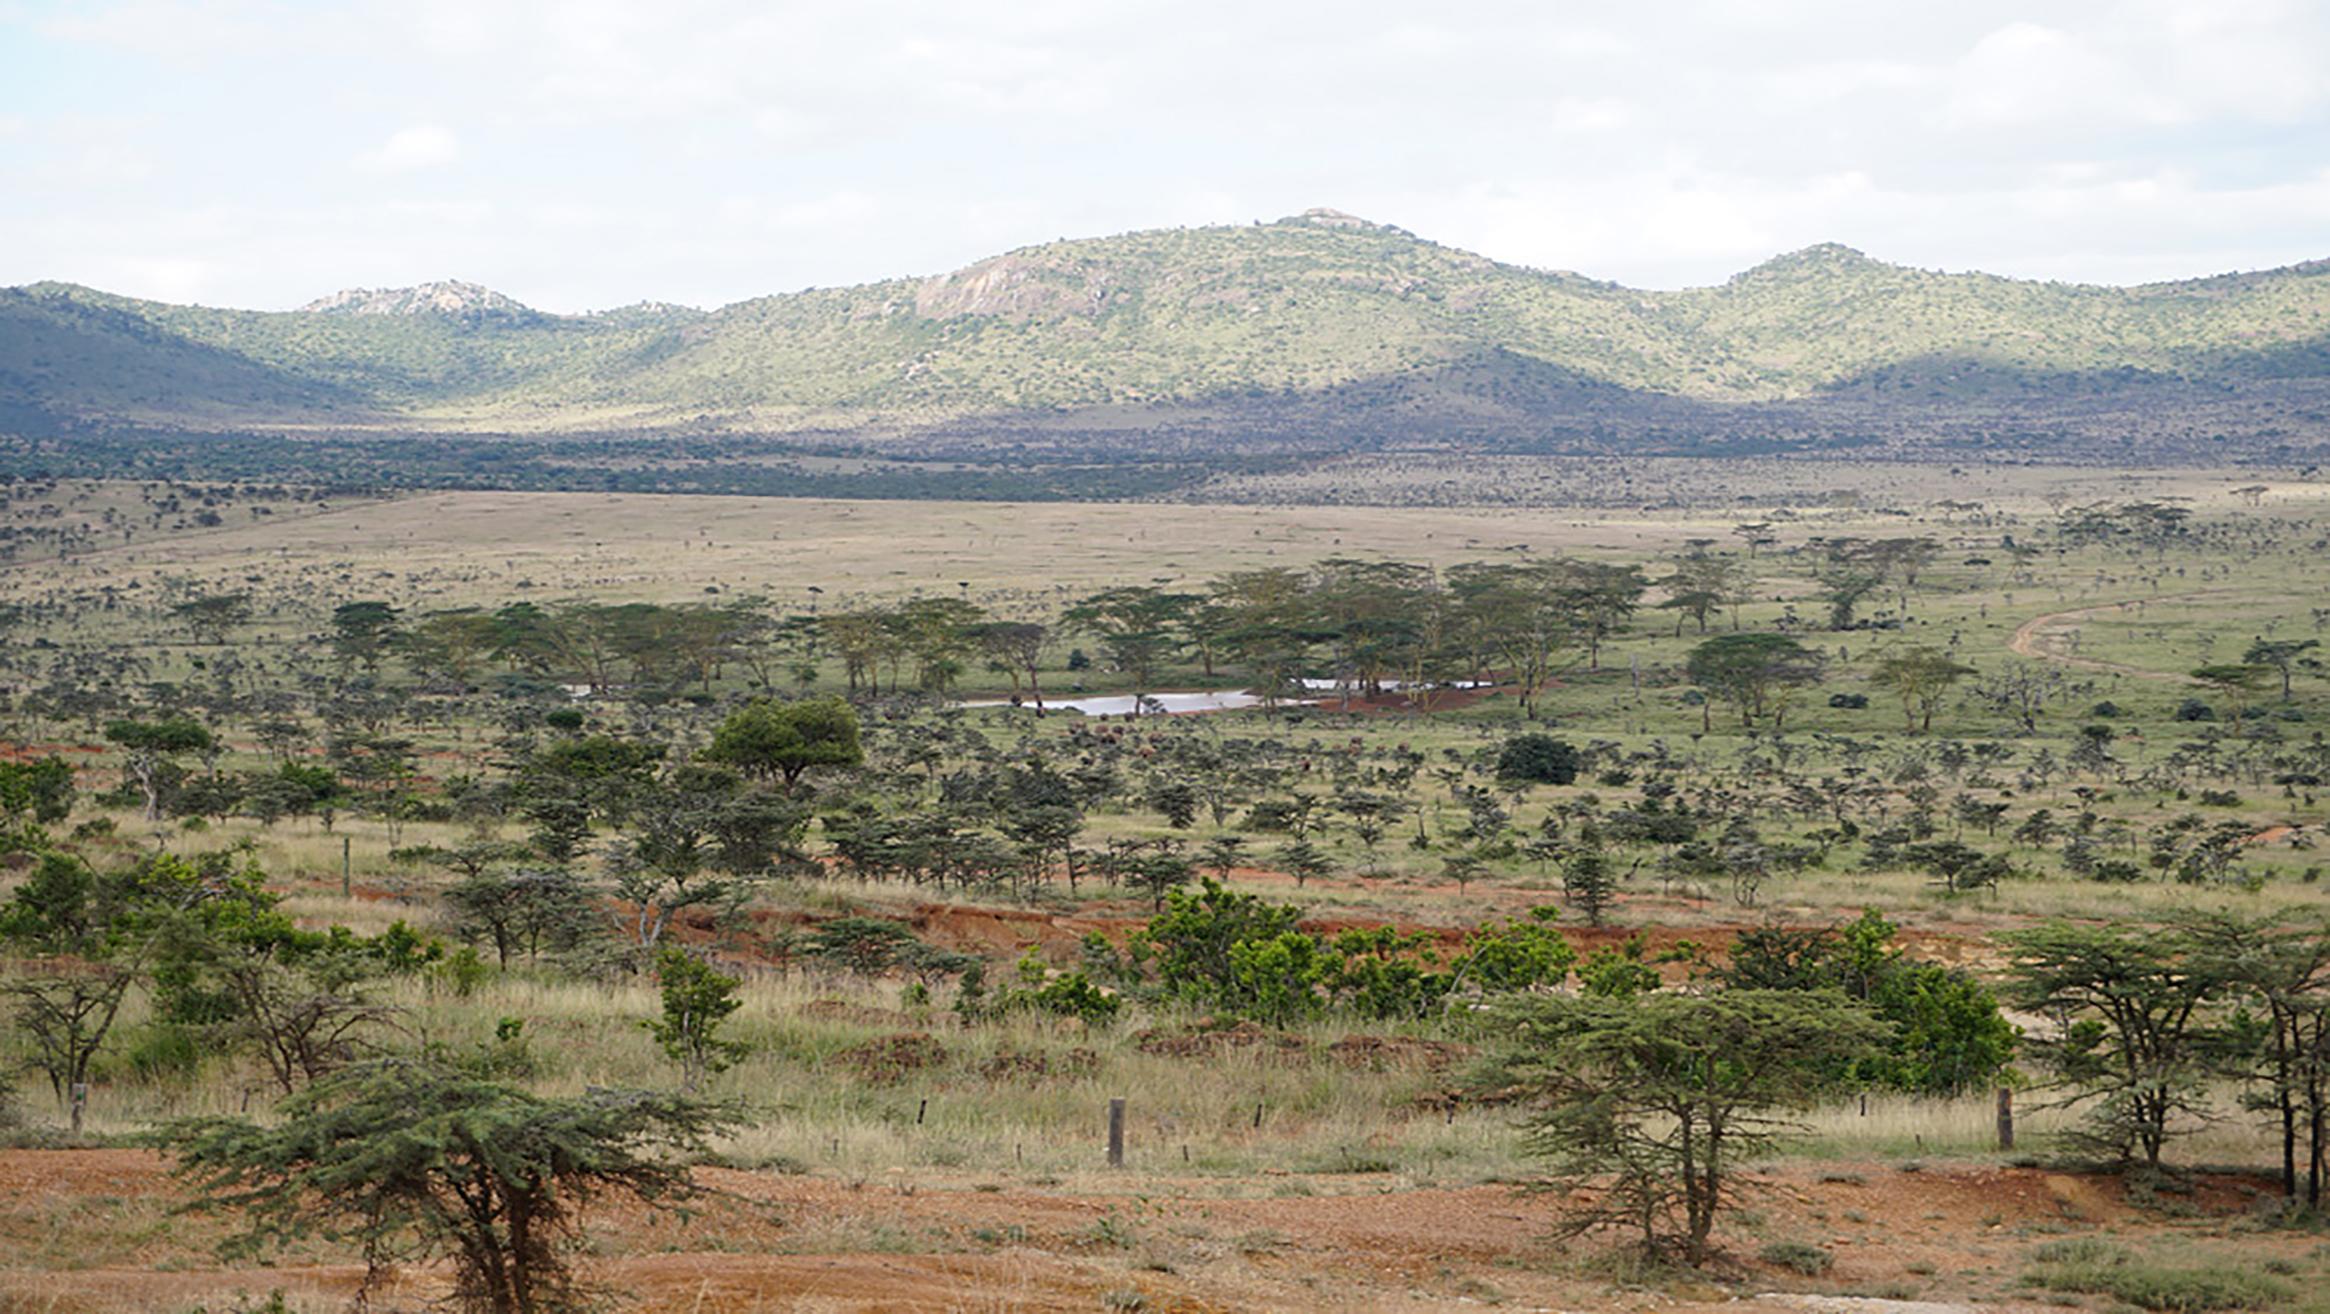 Naturschutzgebiet nördlich des Mount Kenia, eine der beiden Regionen des Pilotprojekts. Bild: Kasper Hurni, CDE